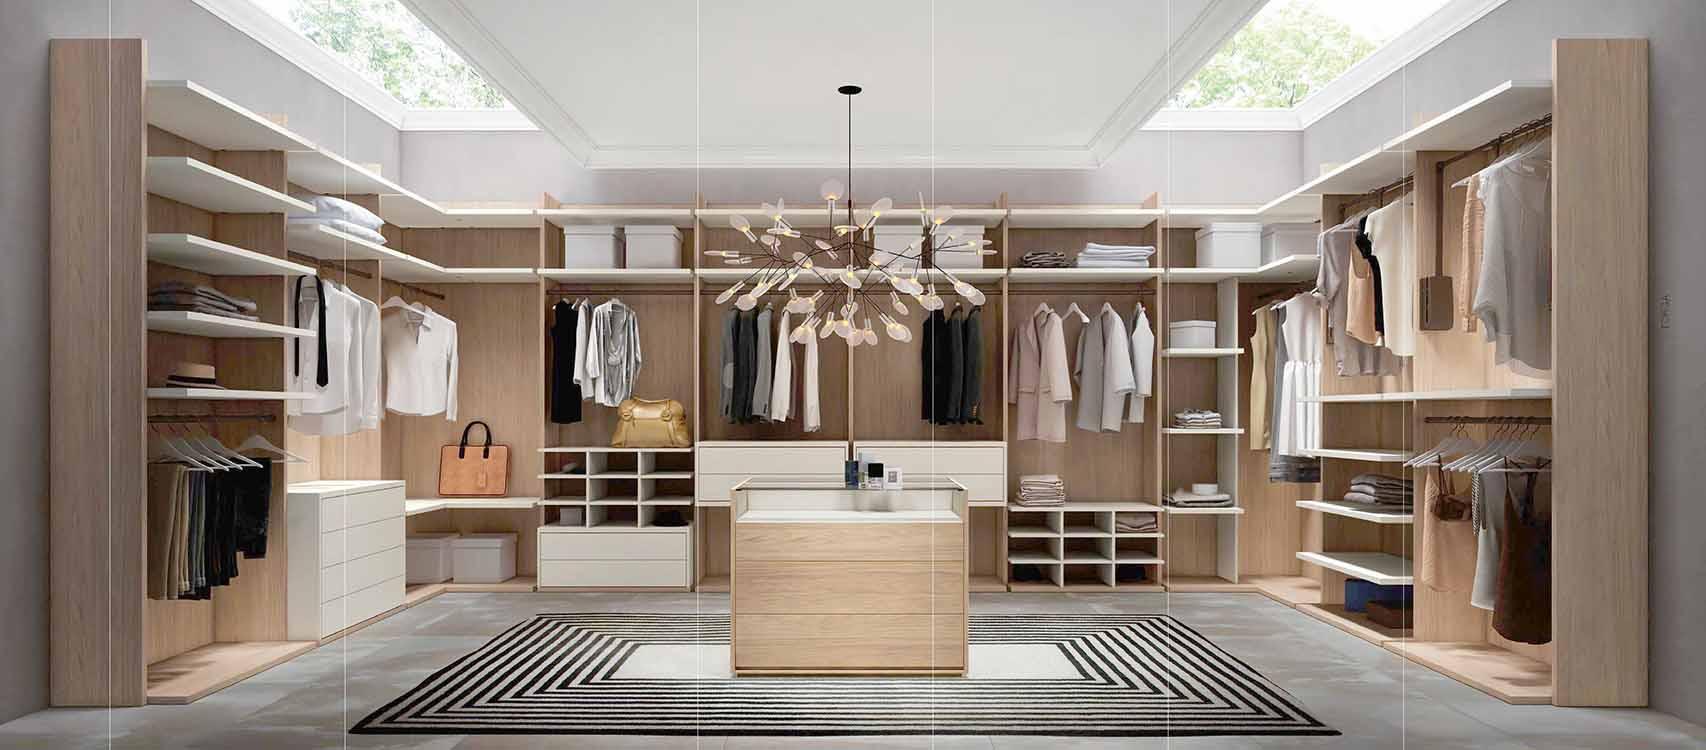 http://www.munozmuebles.net/nueva/catalogo/dormitorios3-2127-croton-11.jpg -  Mueble de diseño negro mate